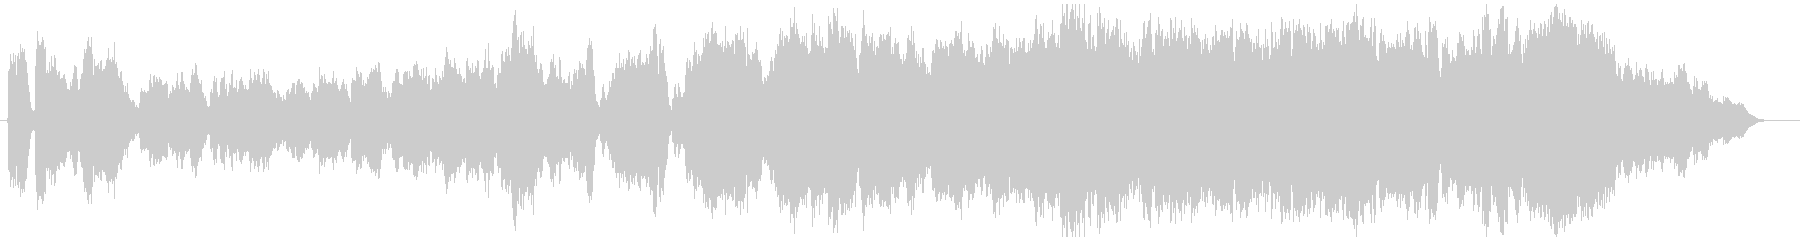 フルートとオーケストラ感動前向きバラードの未再生の波形